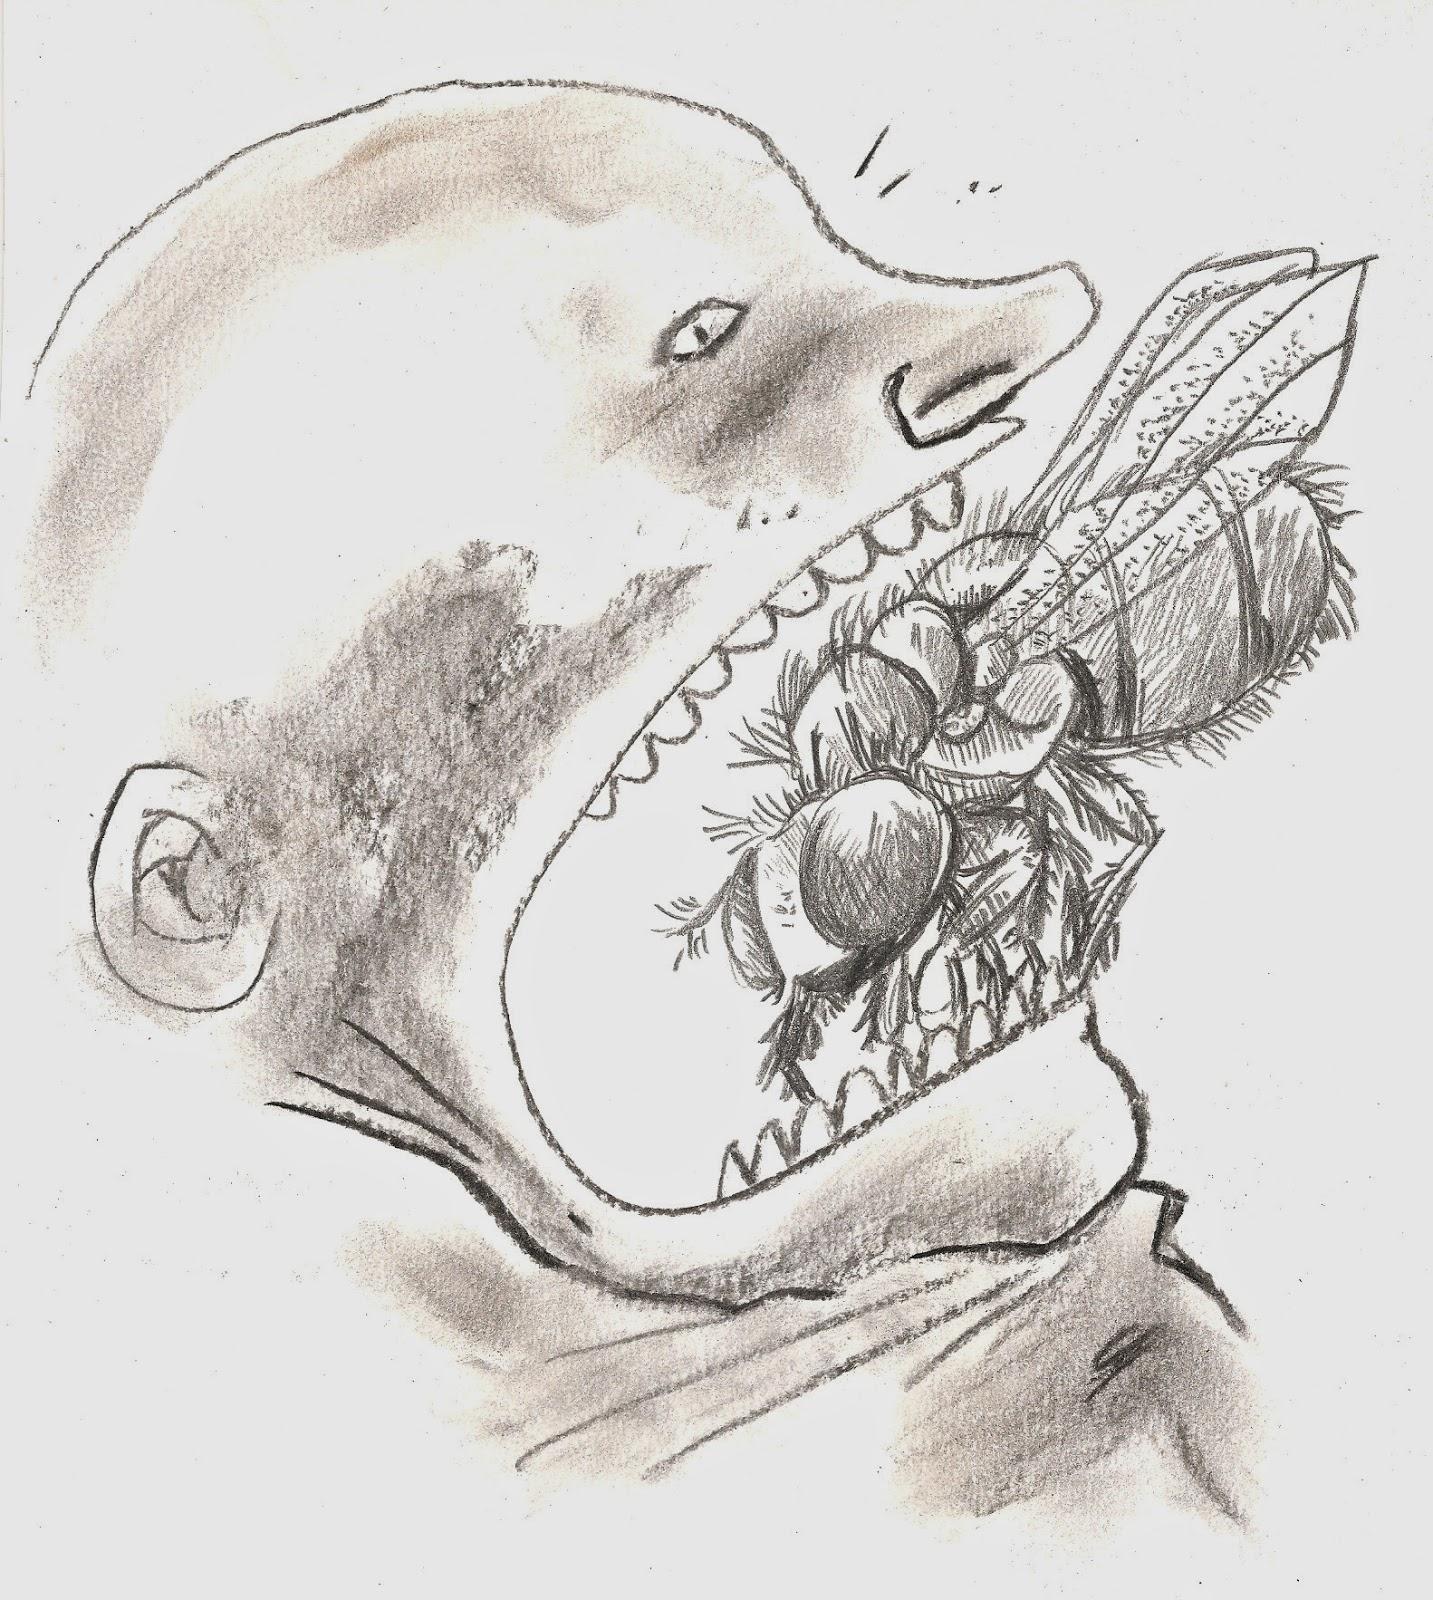 andré barroso desenho em boca aberta entra mosca